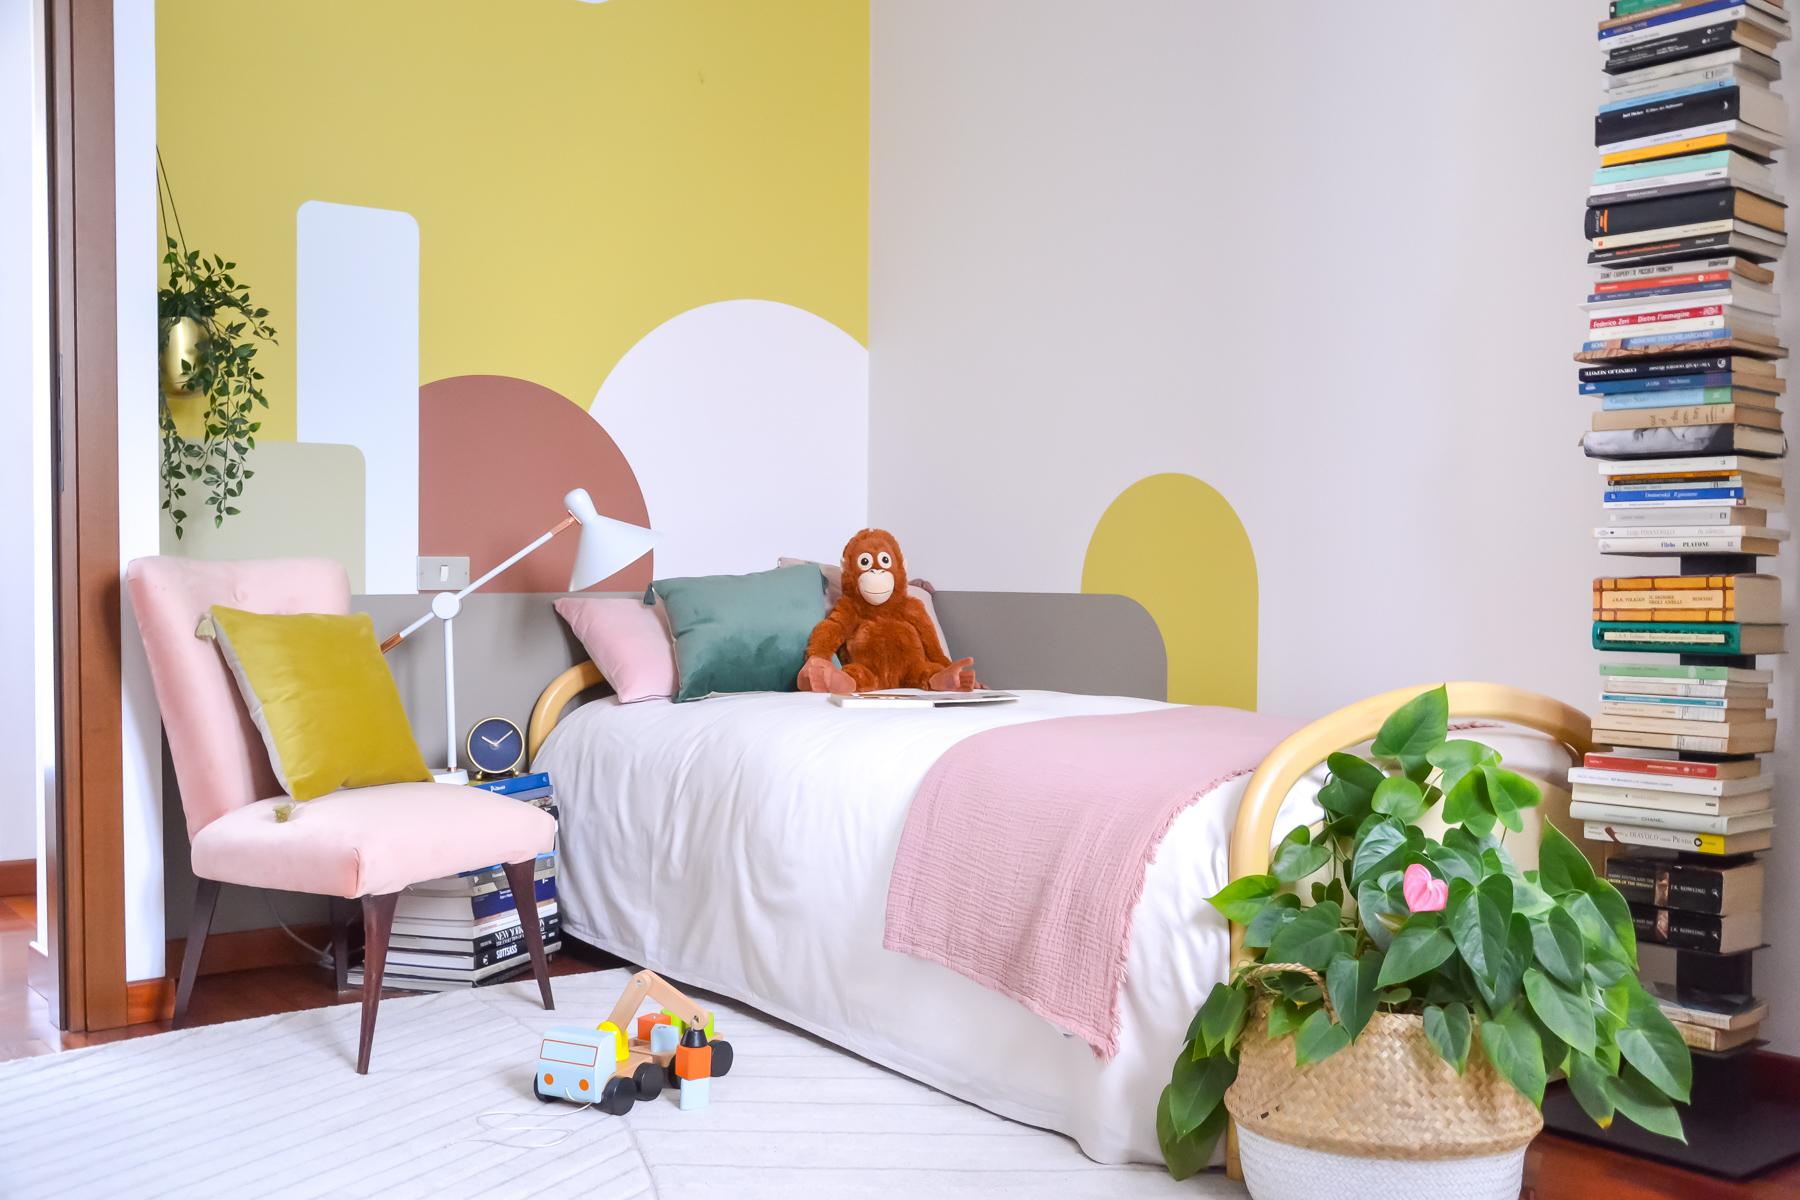 decorare le pareti della camera da letto o della cameretta. La Mia Cameretta Cambia Look Con Una Parete Decorata